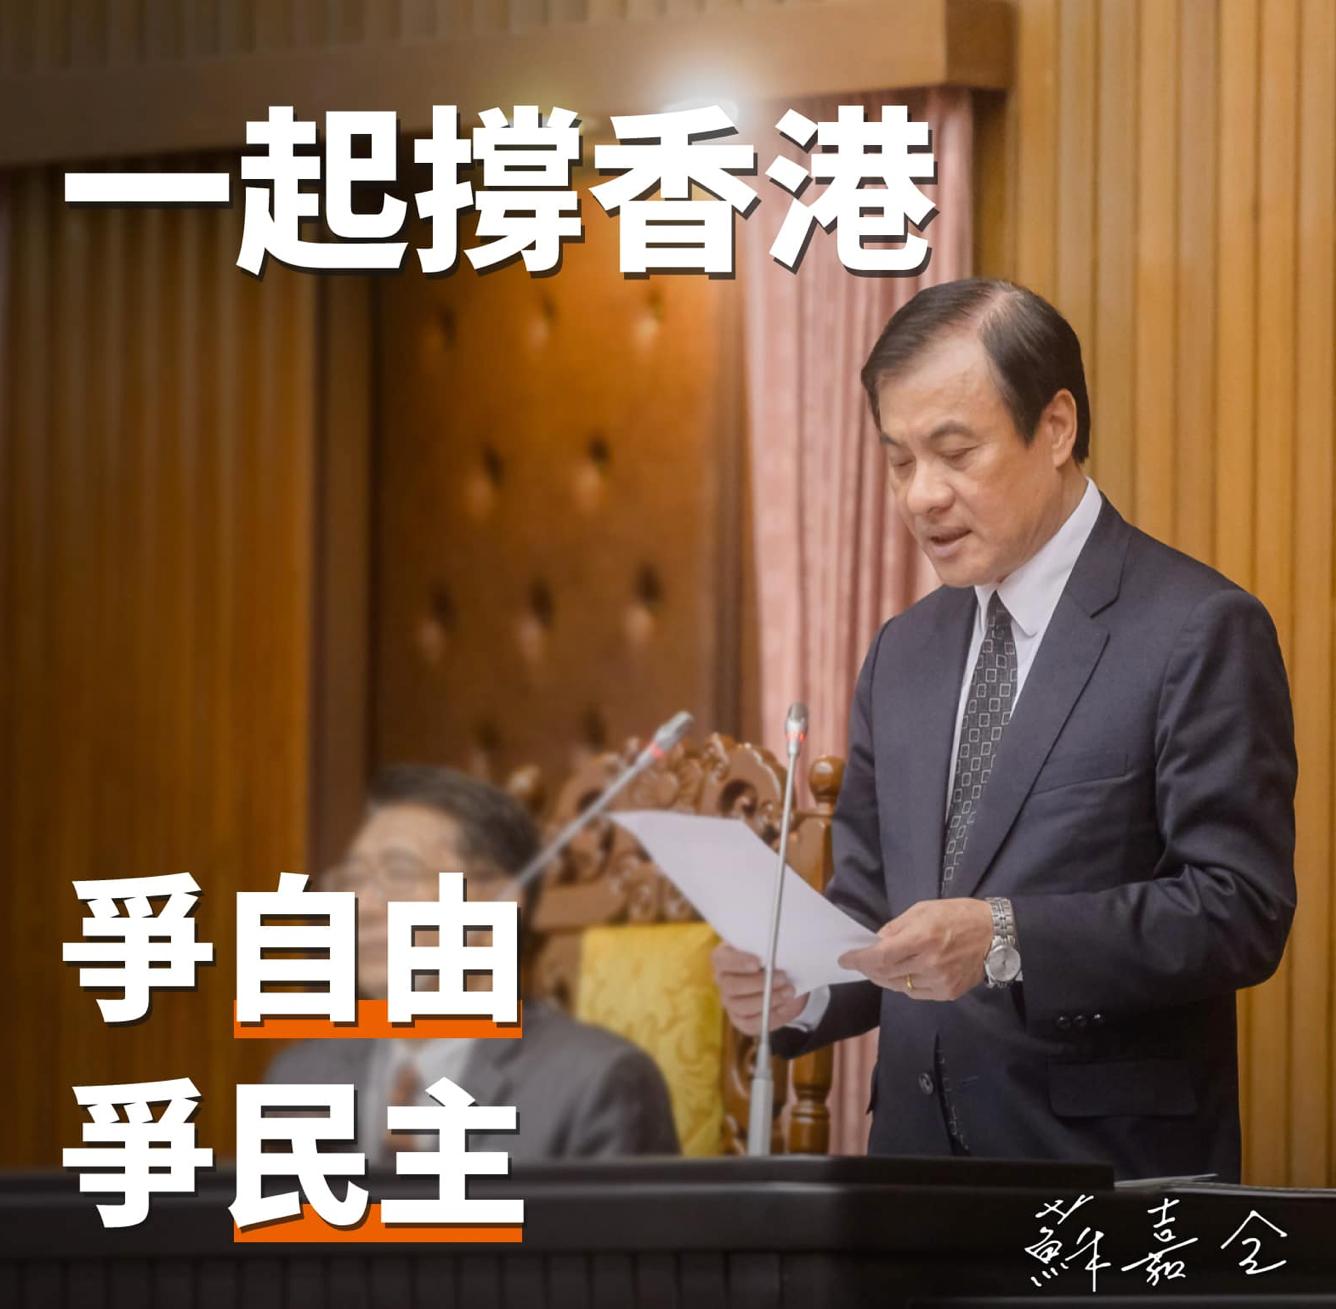 立法院長蘇嘉全臉書聲援香港反送中條例。(摘自蘇嘉全臉書)